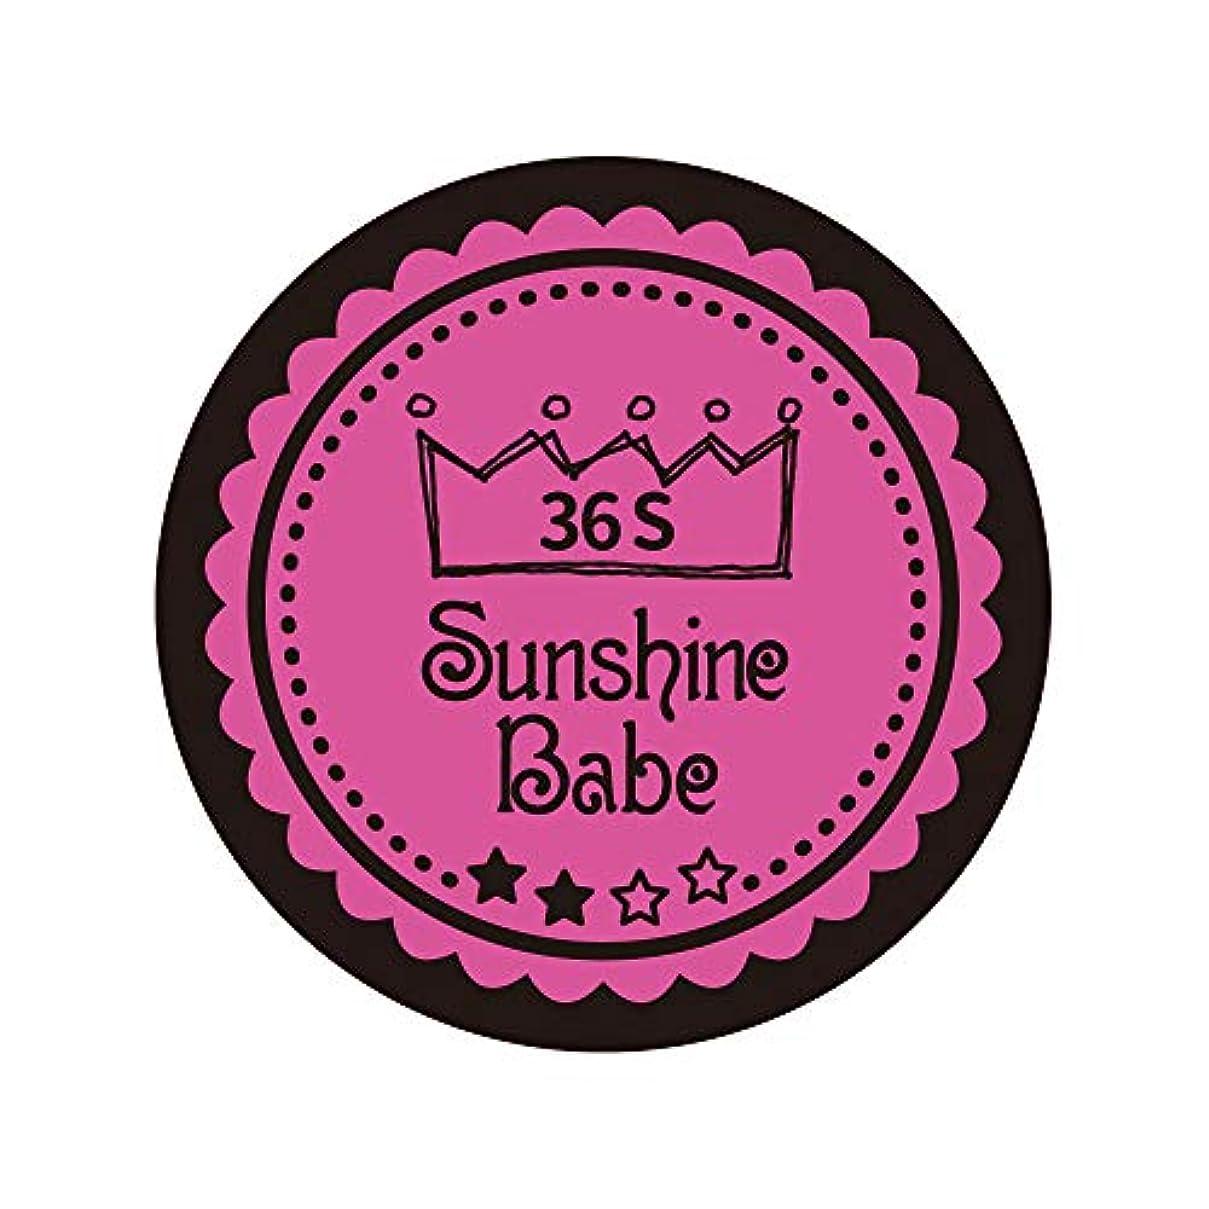 花弁口径労働Sunshine Babe カラージェル 36S クロッカスピンク 4g UV/LED対応